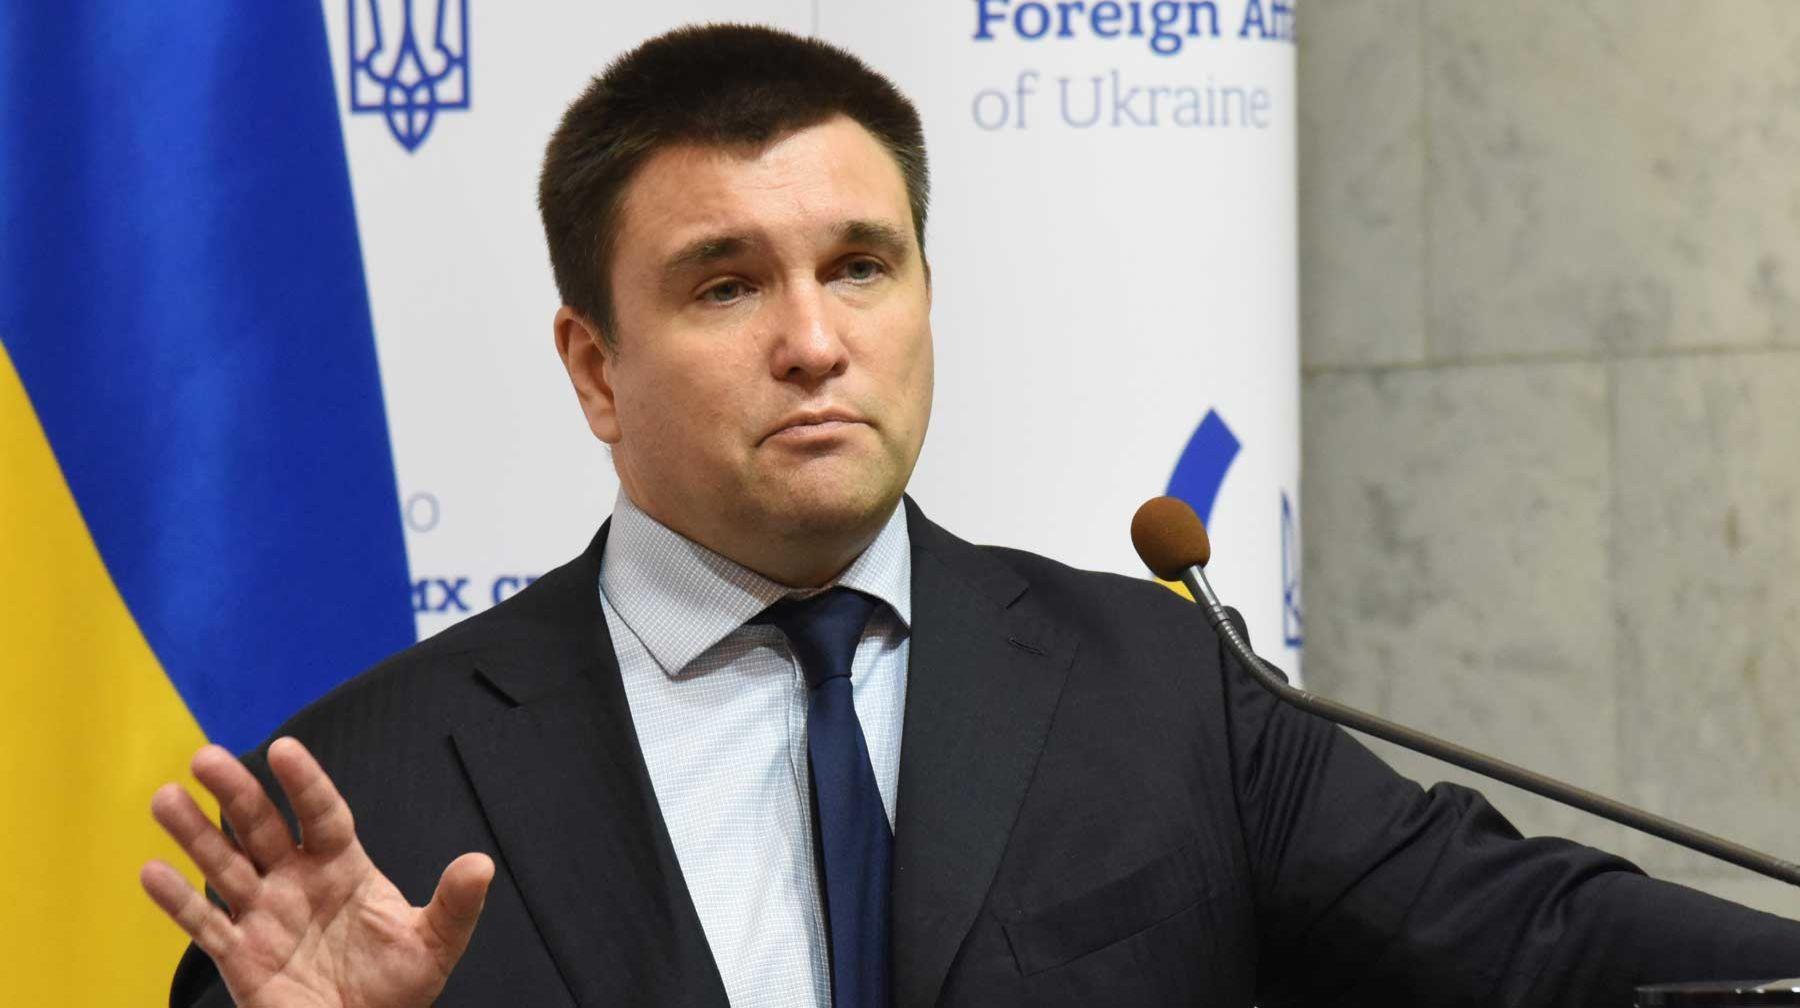 Украина, МИД, Политика, Климкин, Увольнение, Отпуск.